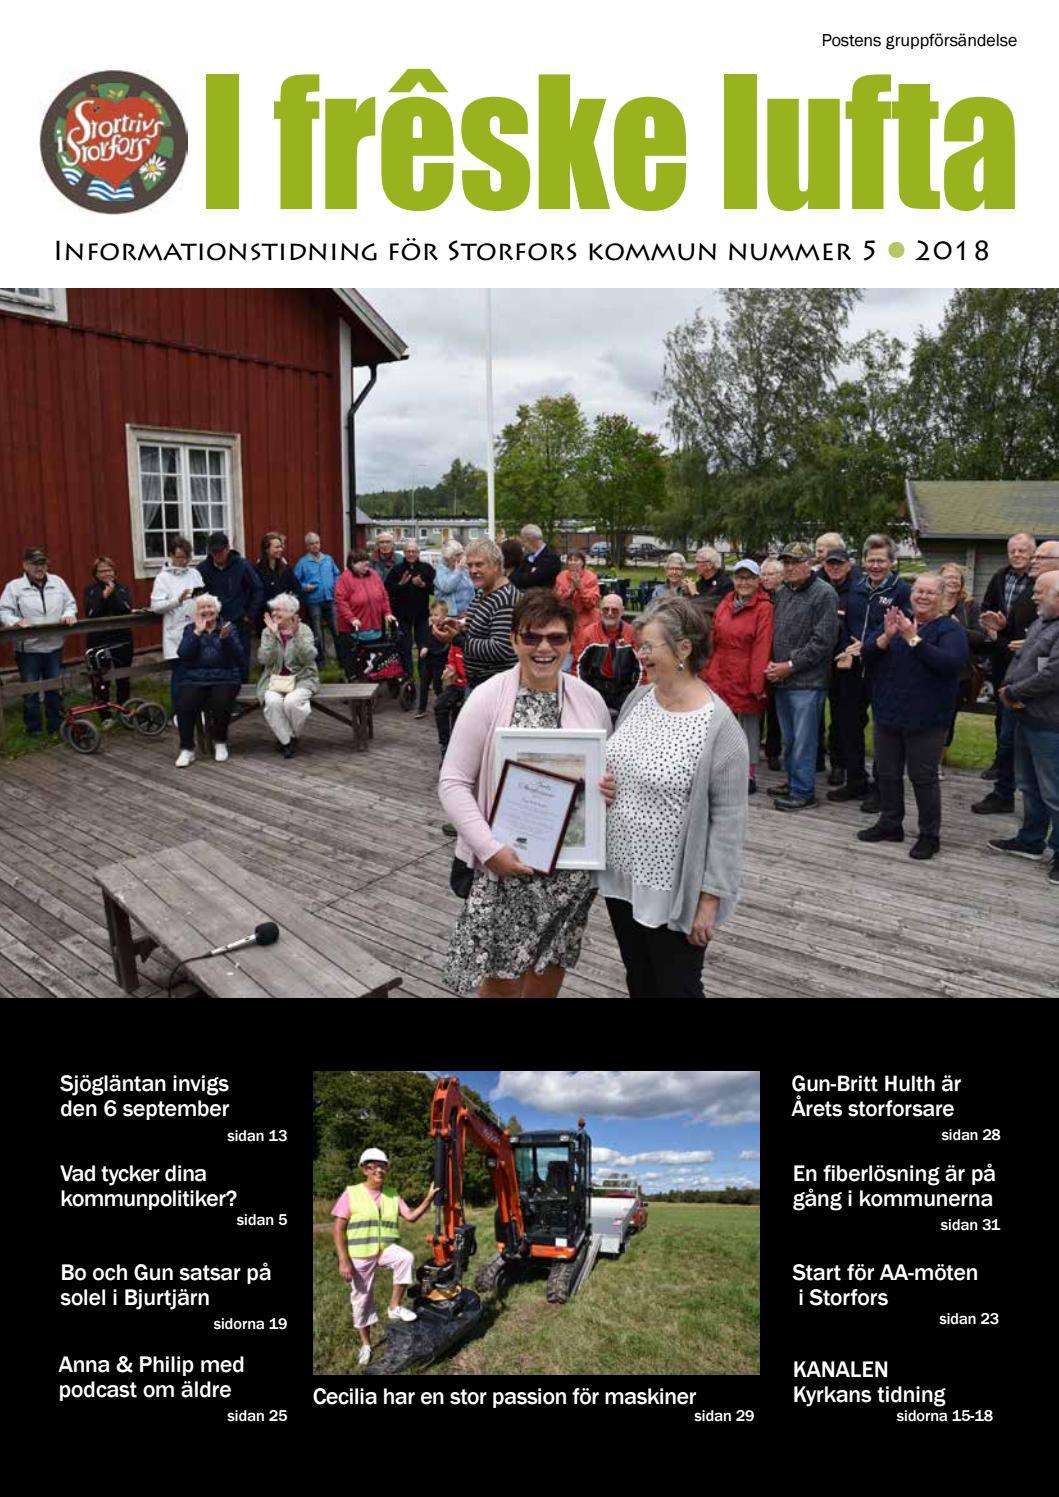 ppen verksamhet i Vsters | omr-scanner.net